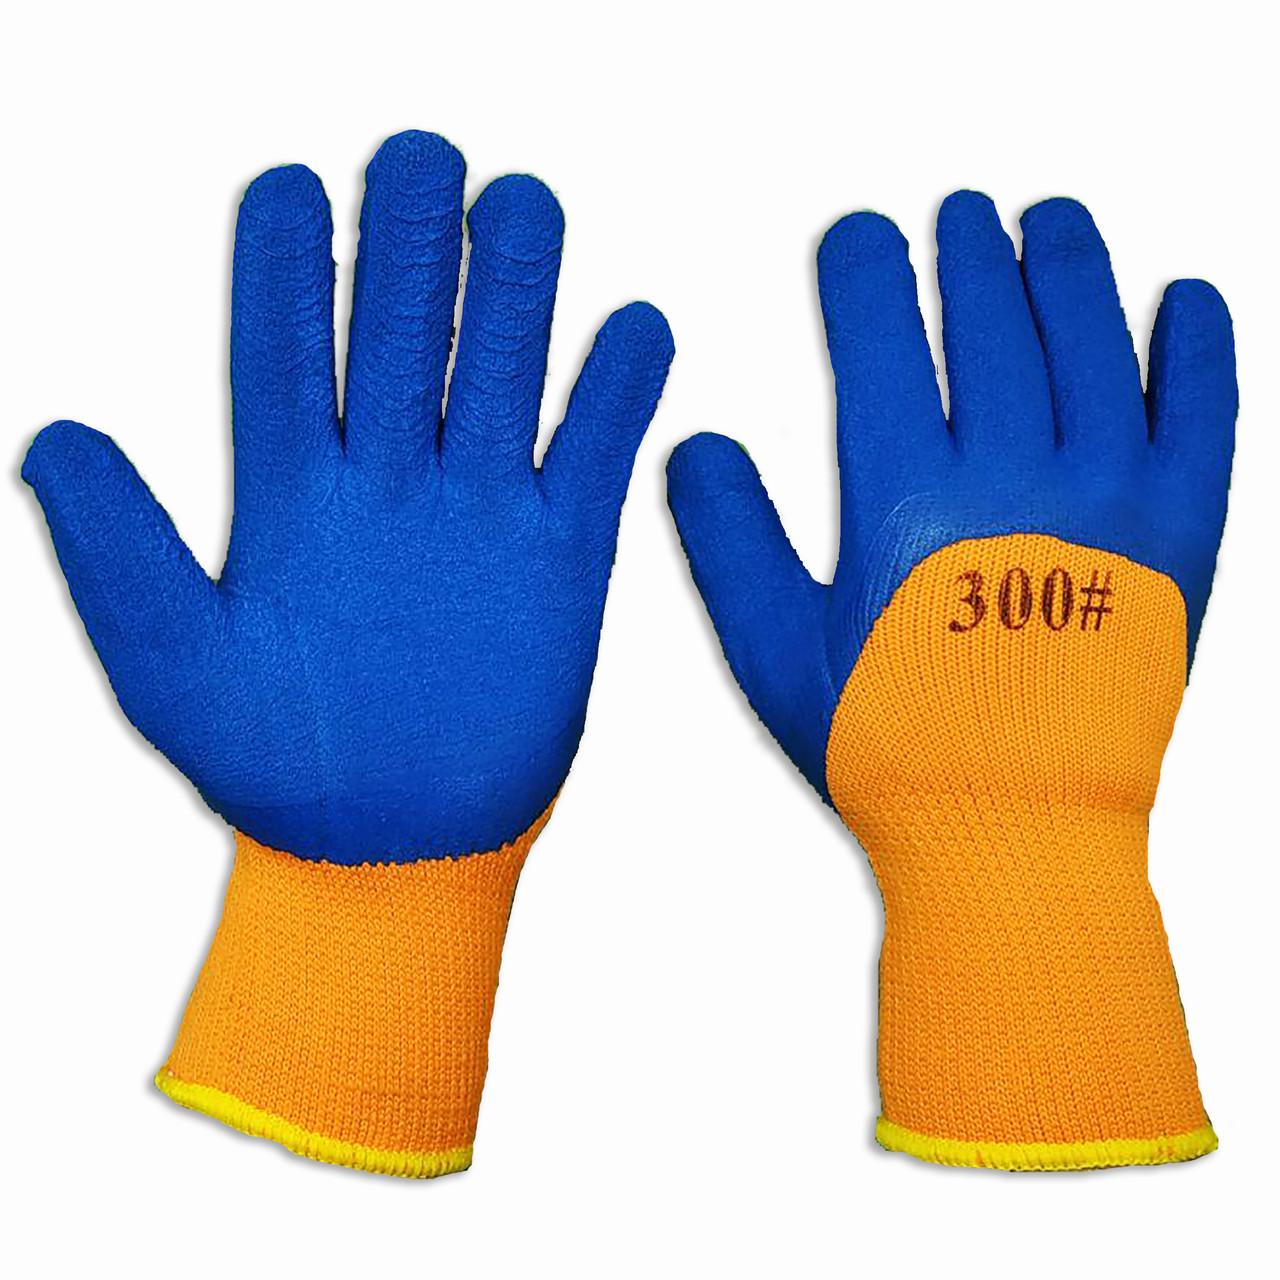 Защитные перчатки, вспененный латекс, утеплённые, зимние, № 10, уп. — 10 пар